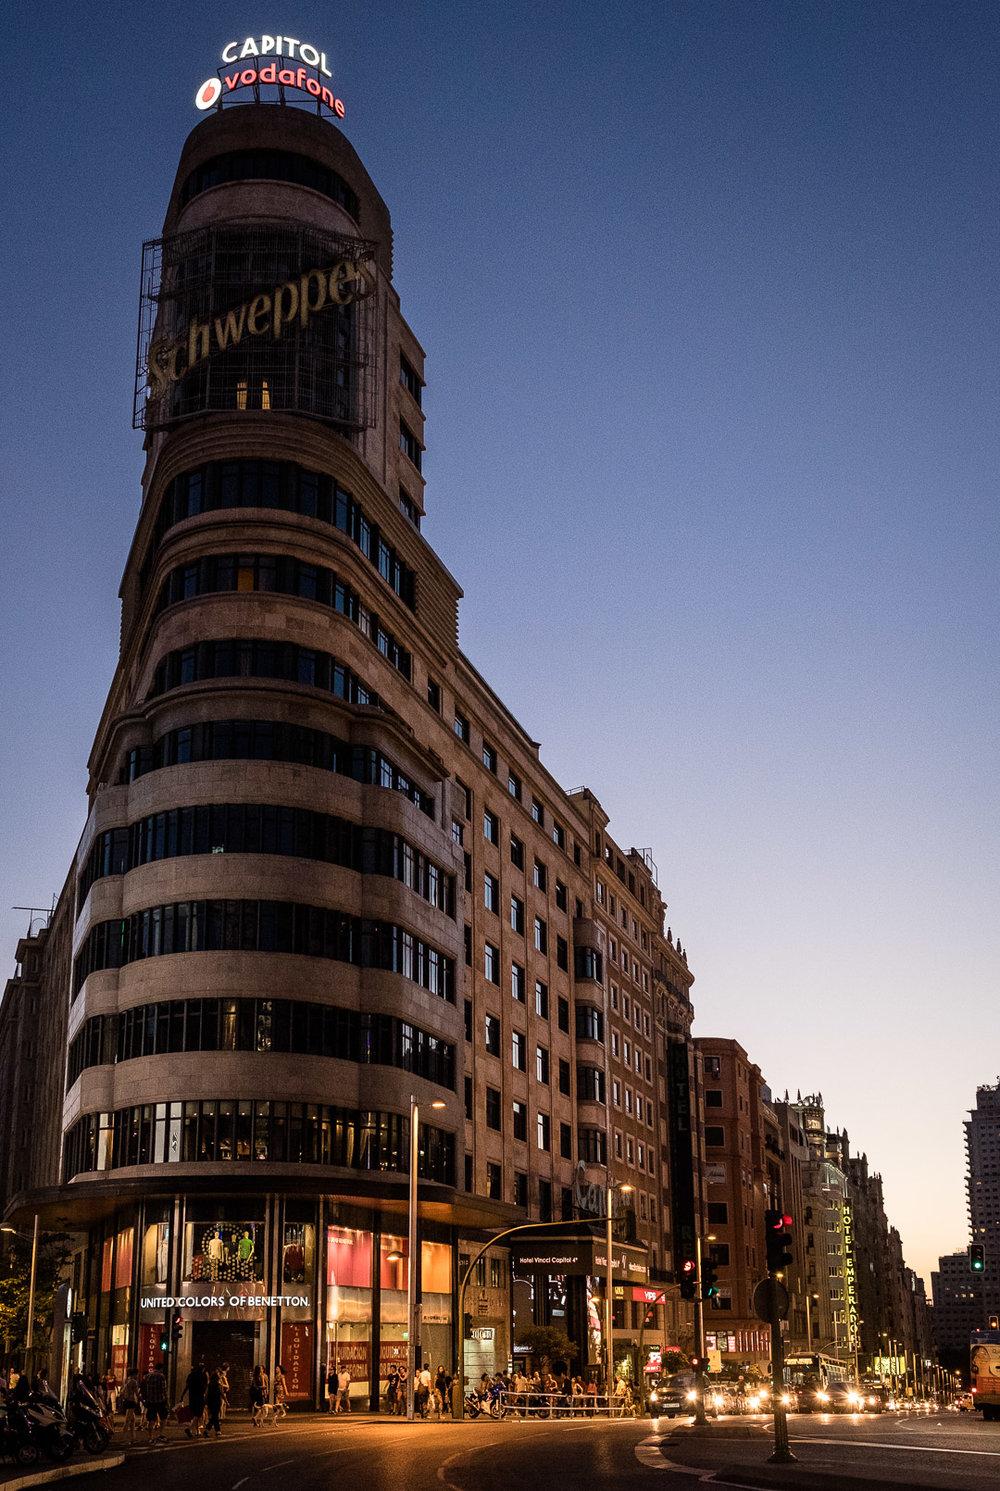 160624-Spain-Madrid-8-1080.jpg